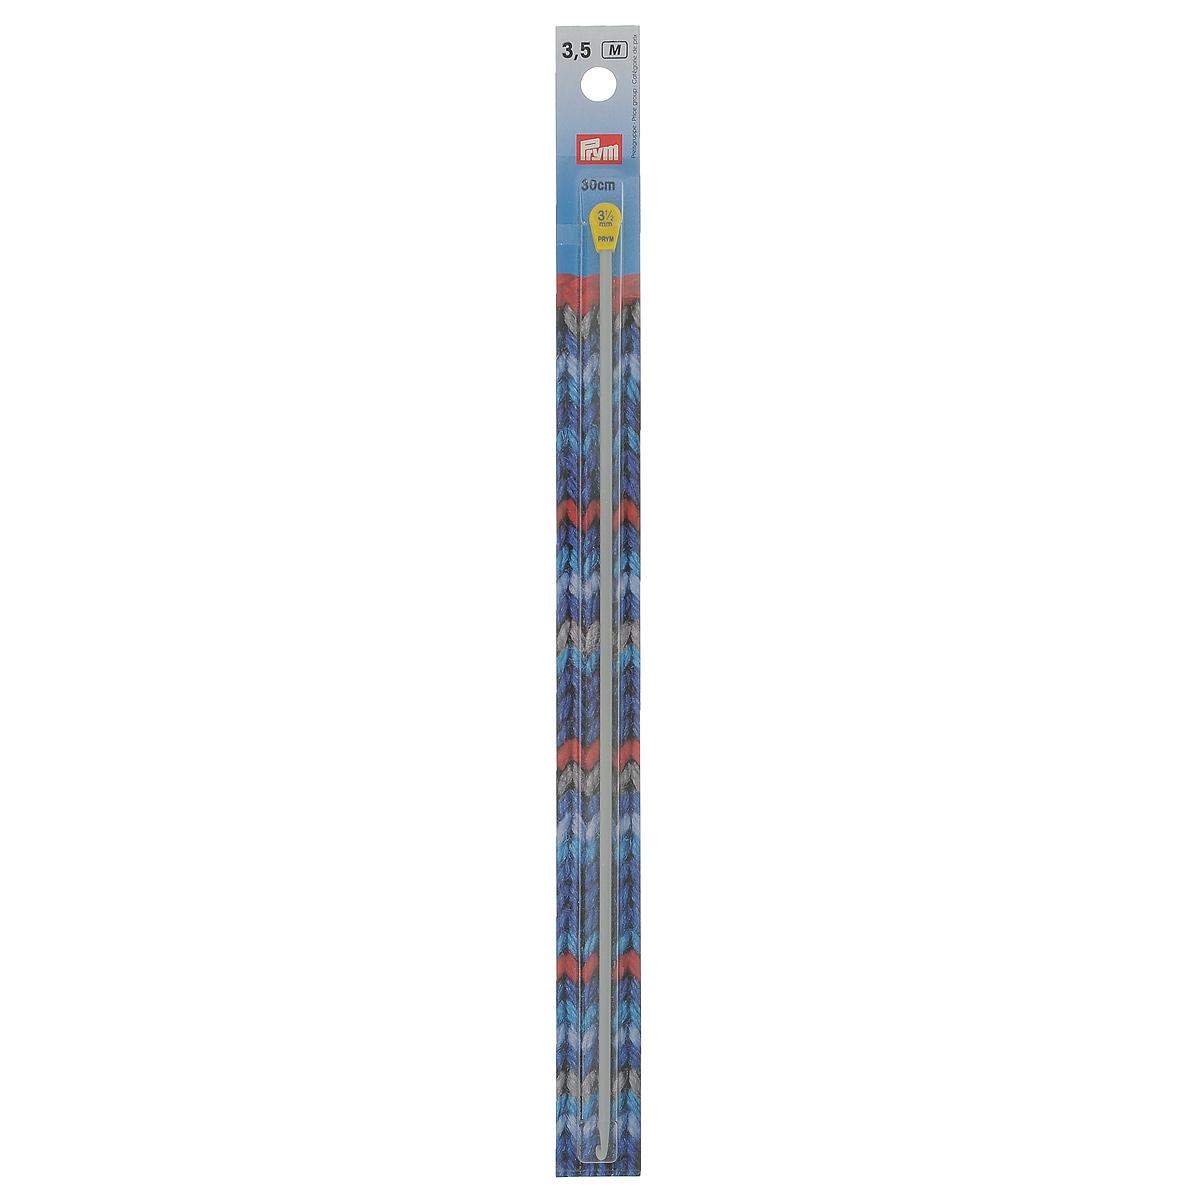 Крючок для тунисского вязания Prym, цвет: жемчужно-серый, диаметр 3,5 мм, длина 30 см195216Крючок Prym, изготовленный из металла, предназначен для вязания изделий с тунисским плетением. Крючок оснащен пластиковым наконечником. Изделия, связанные длинным крючком, практичны в носке, так как тунисское полотно не вытягивается ни в длину, ни в ширину и почти не деформируется после стирки. Диаметр крючка: 3,5 мм. Материал: алюминий, пластик.